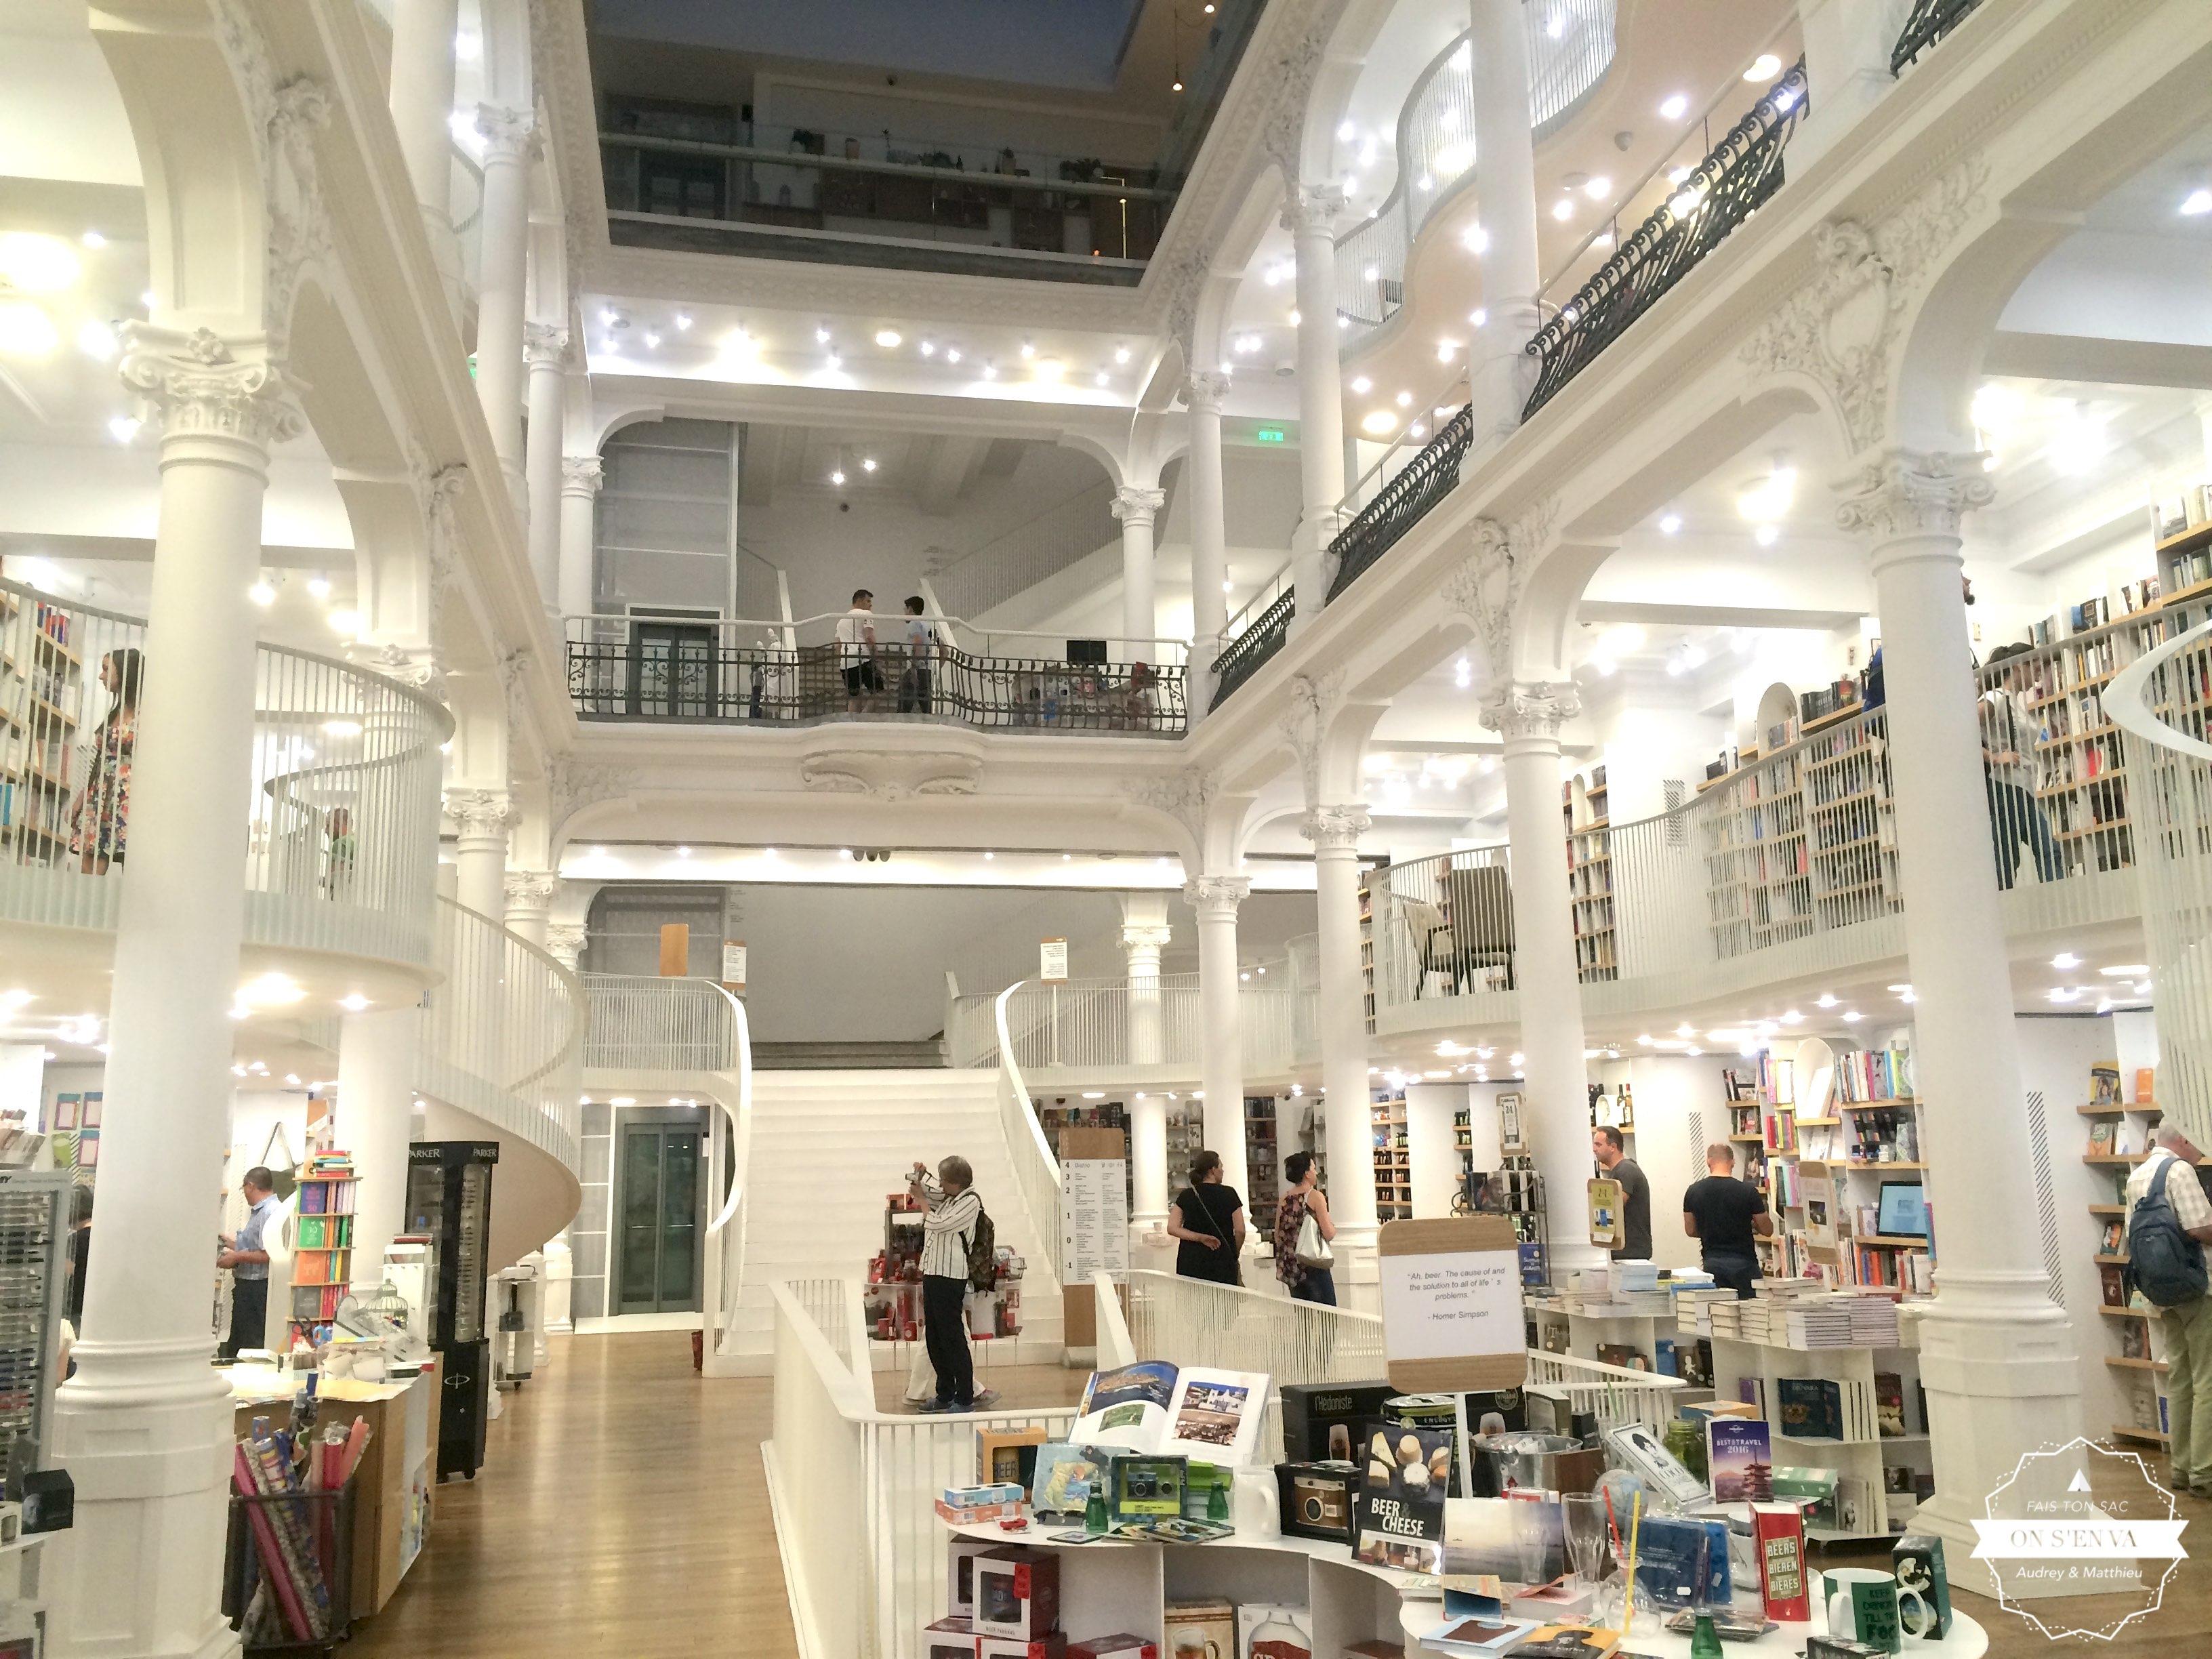 LA librairie où on a trouvé le guide